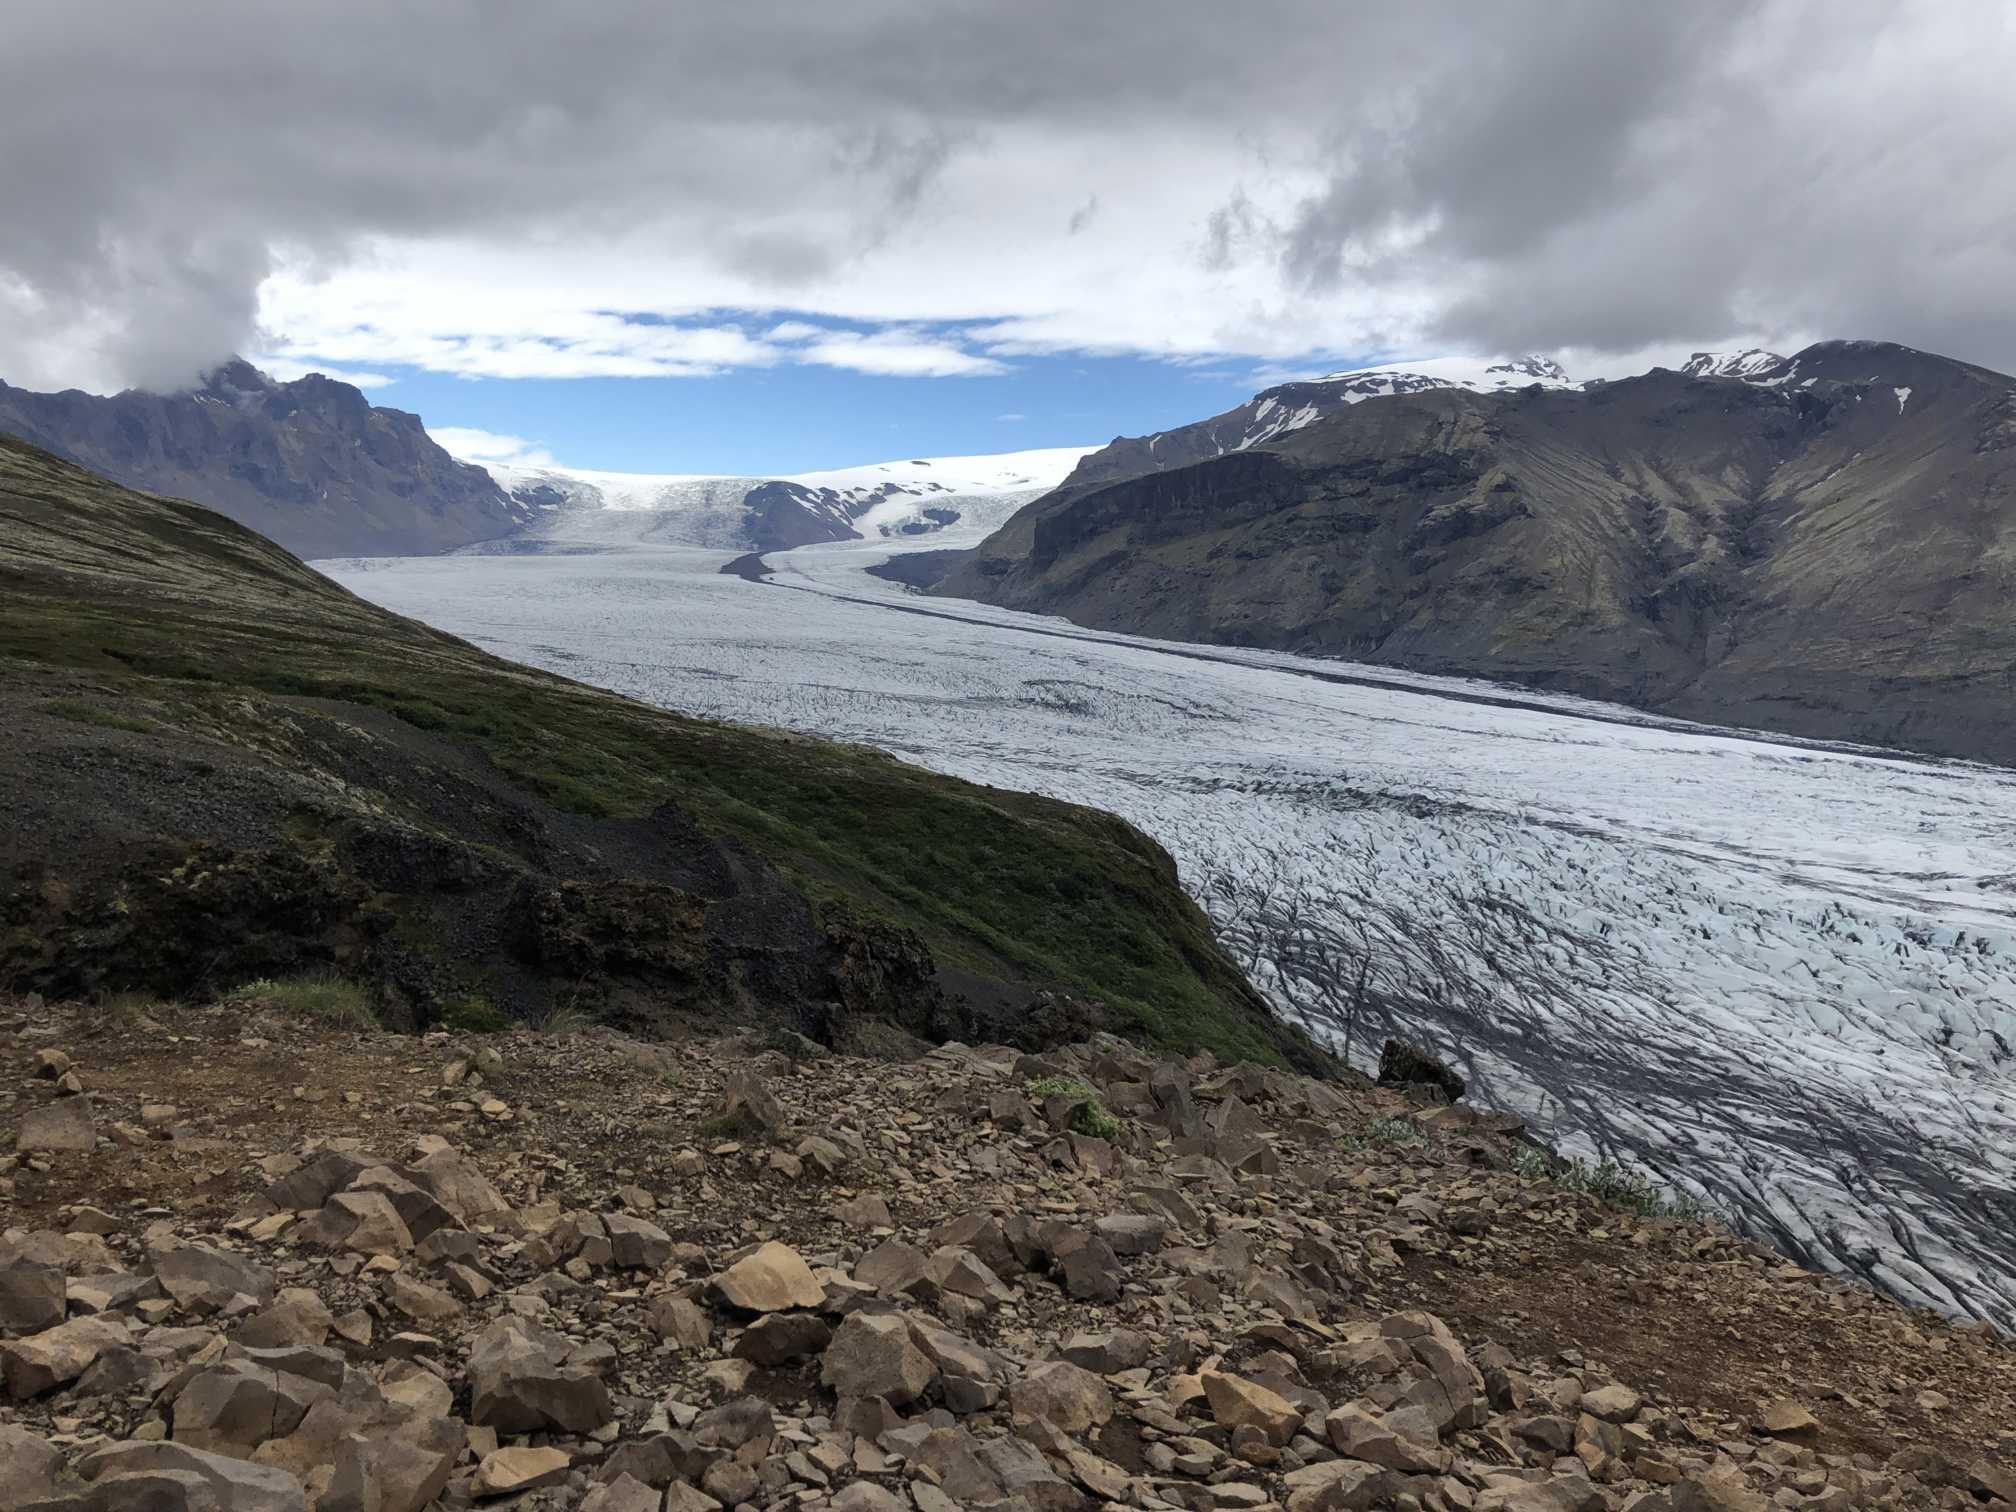 Ľadovcový výbežok Skaftafellsjökull z výhľadu Sjonarpina